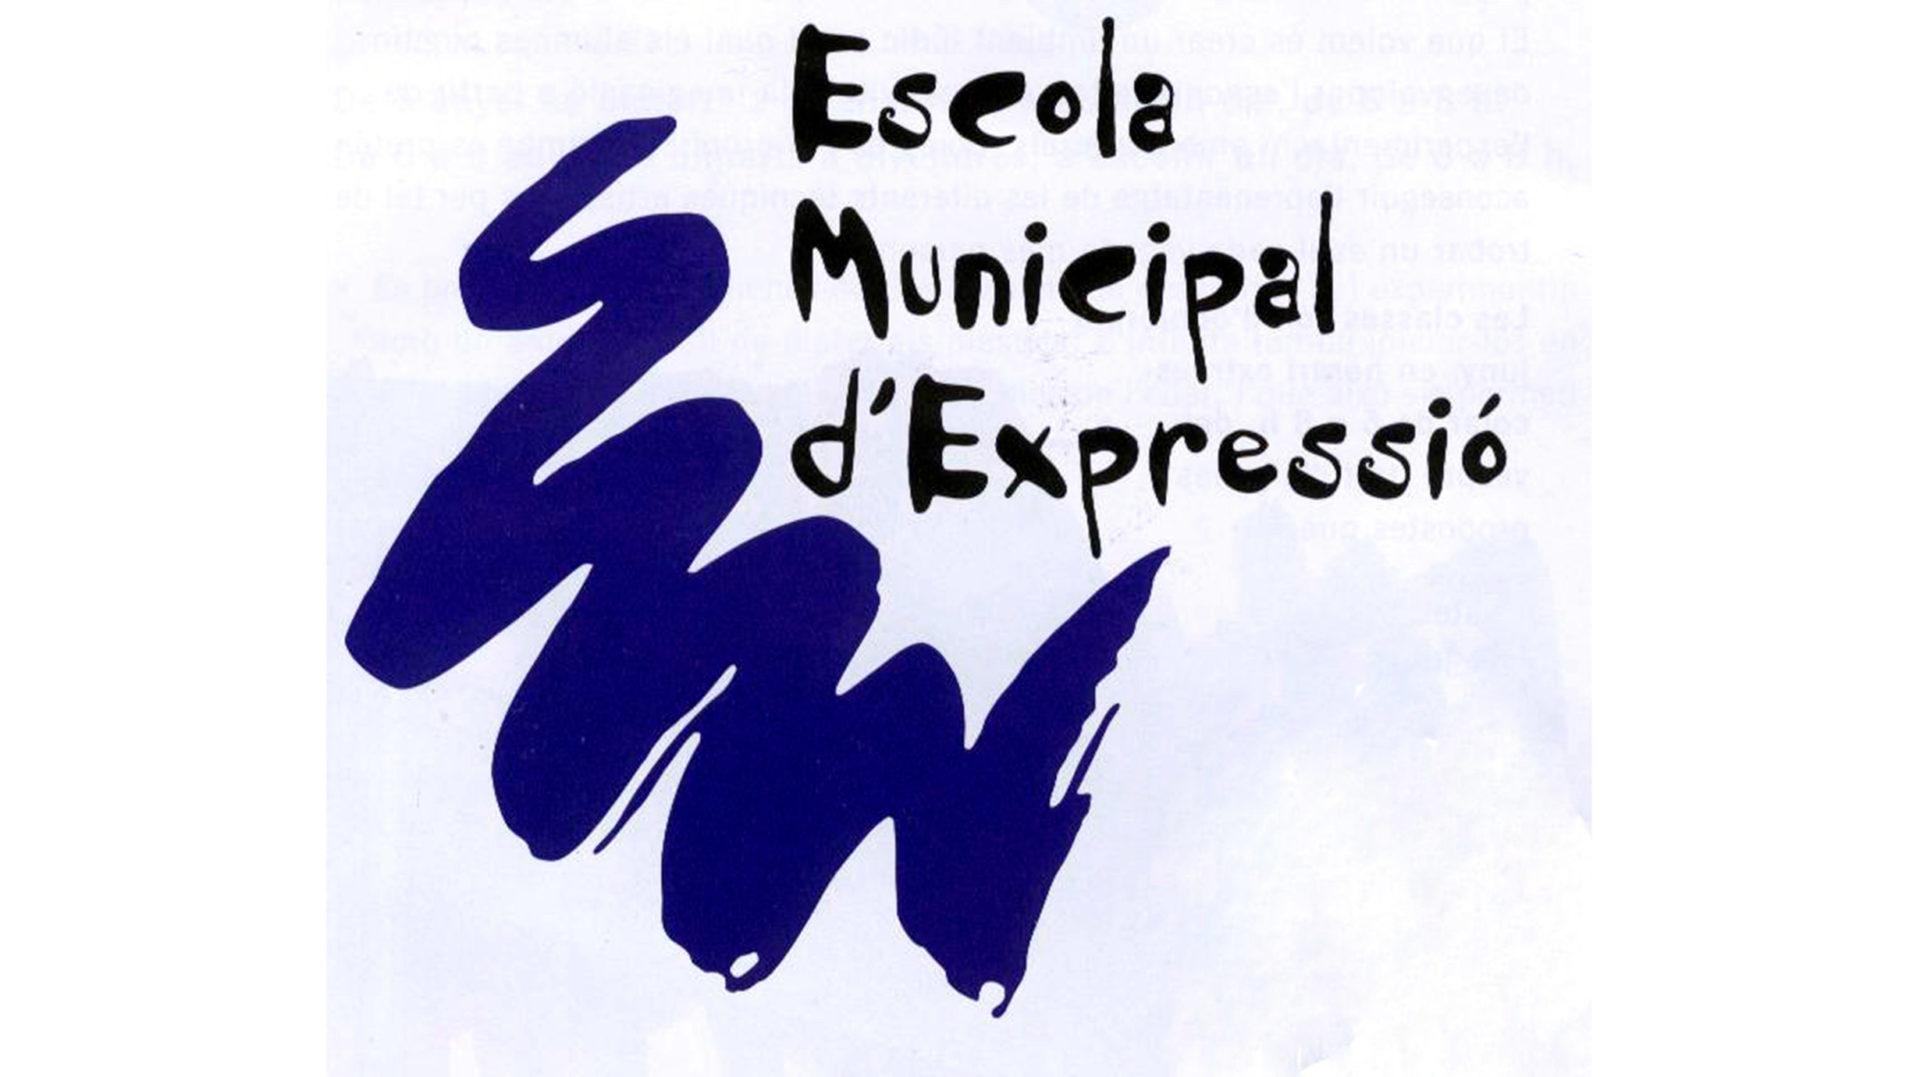 Exposició de ceràmica de l'Escola Municipal d'Expressió